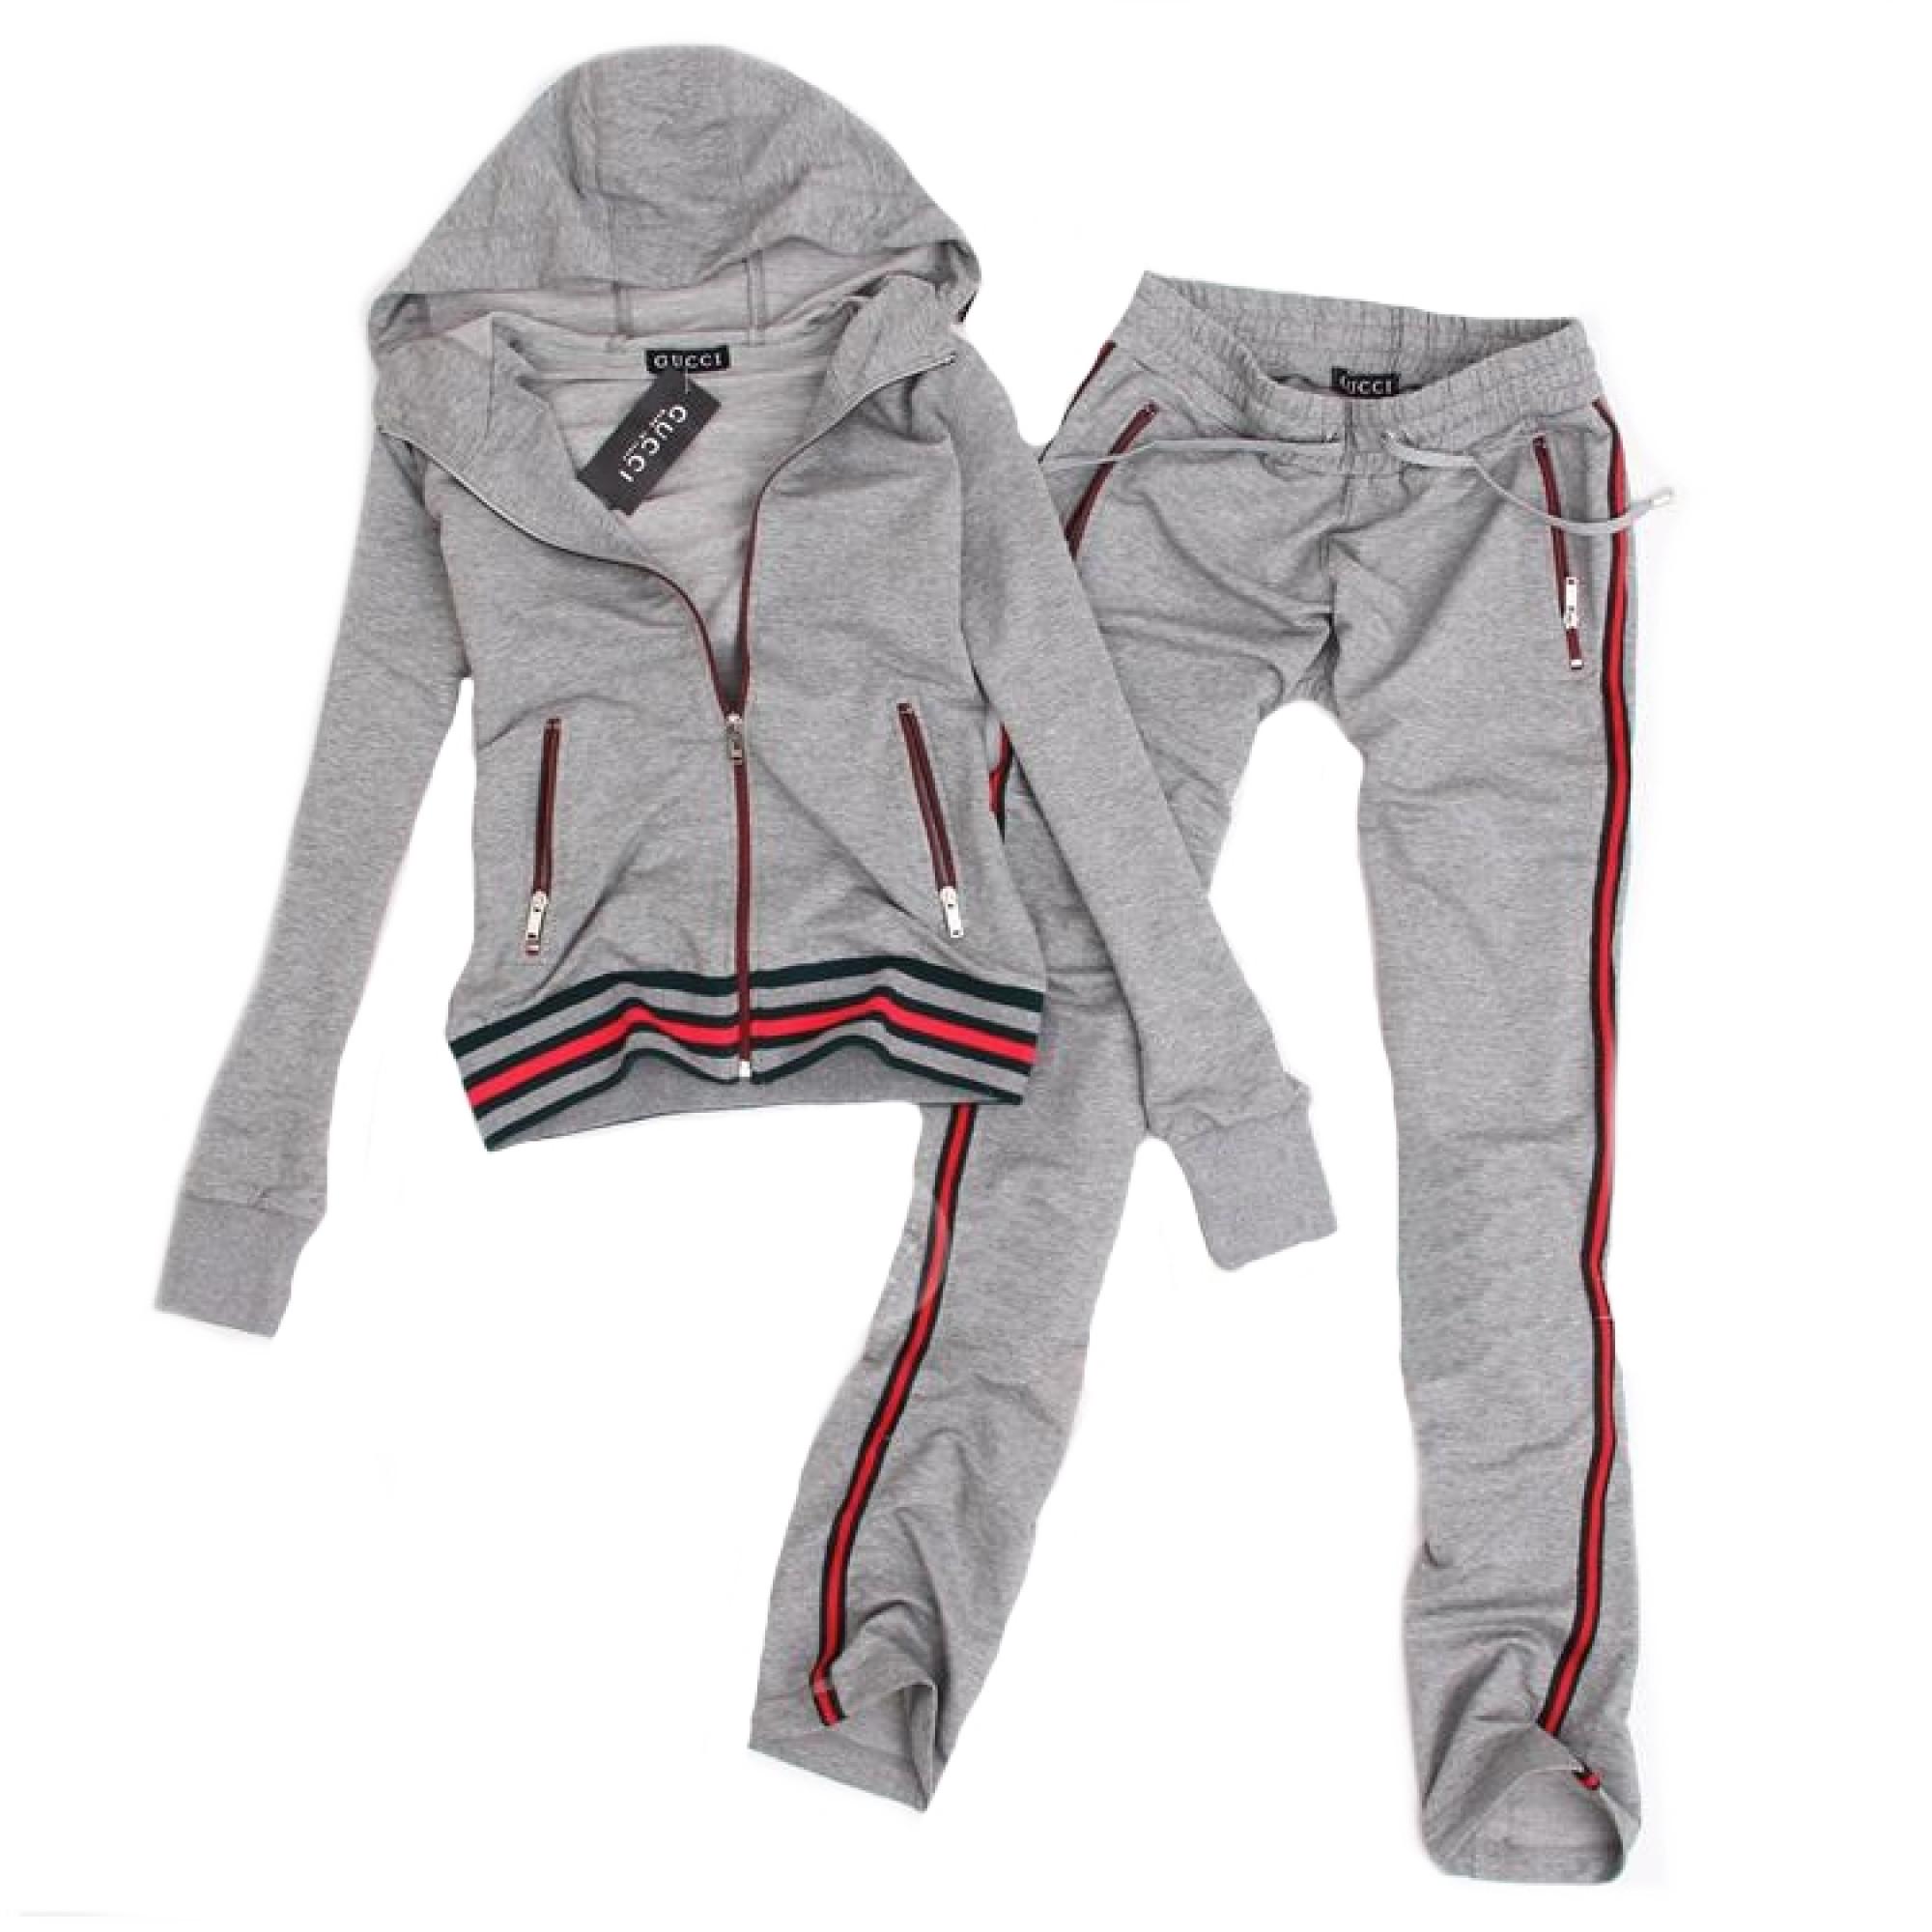 Купить женский спортивный костюм Gucci серого цвета — в Киеве 217db5952285b